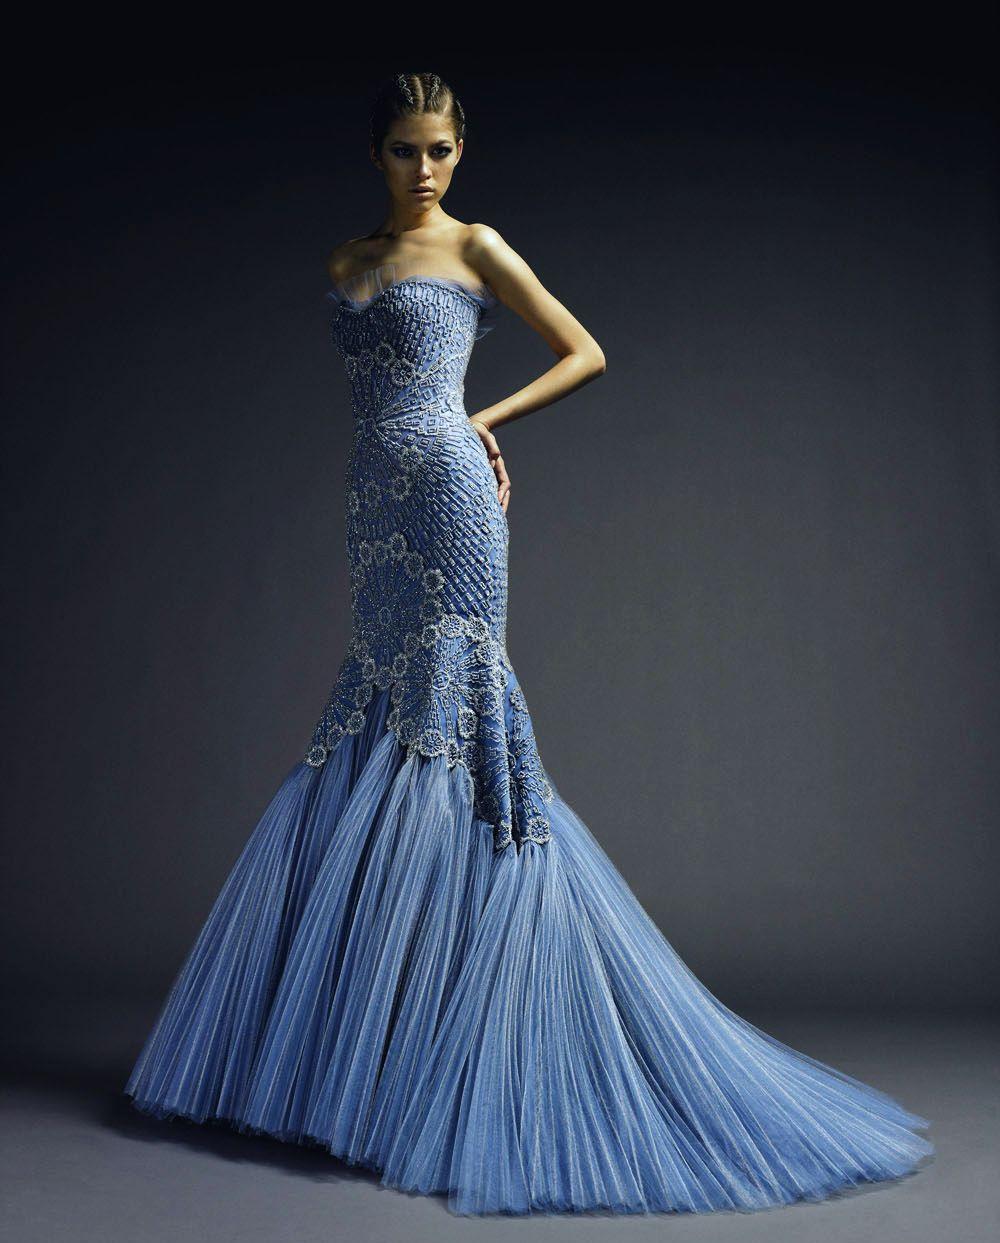 Abiti Eleganti Versace.Atelier Versace F W 2009 Abiti Da Sposa Vestiti Abiti